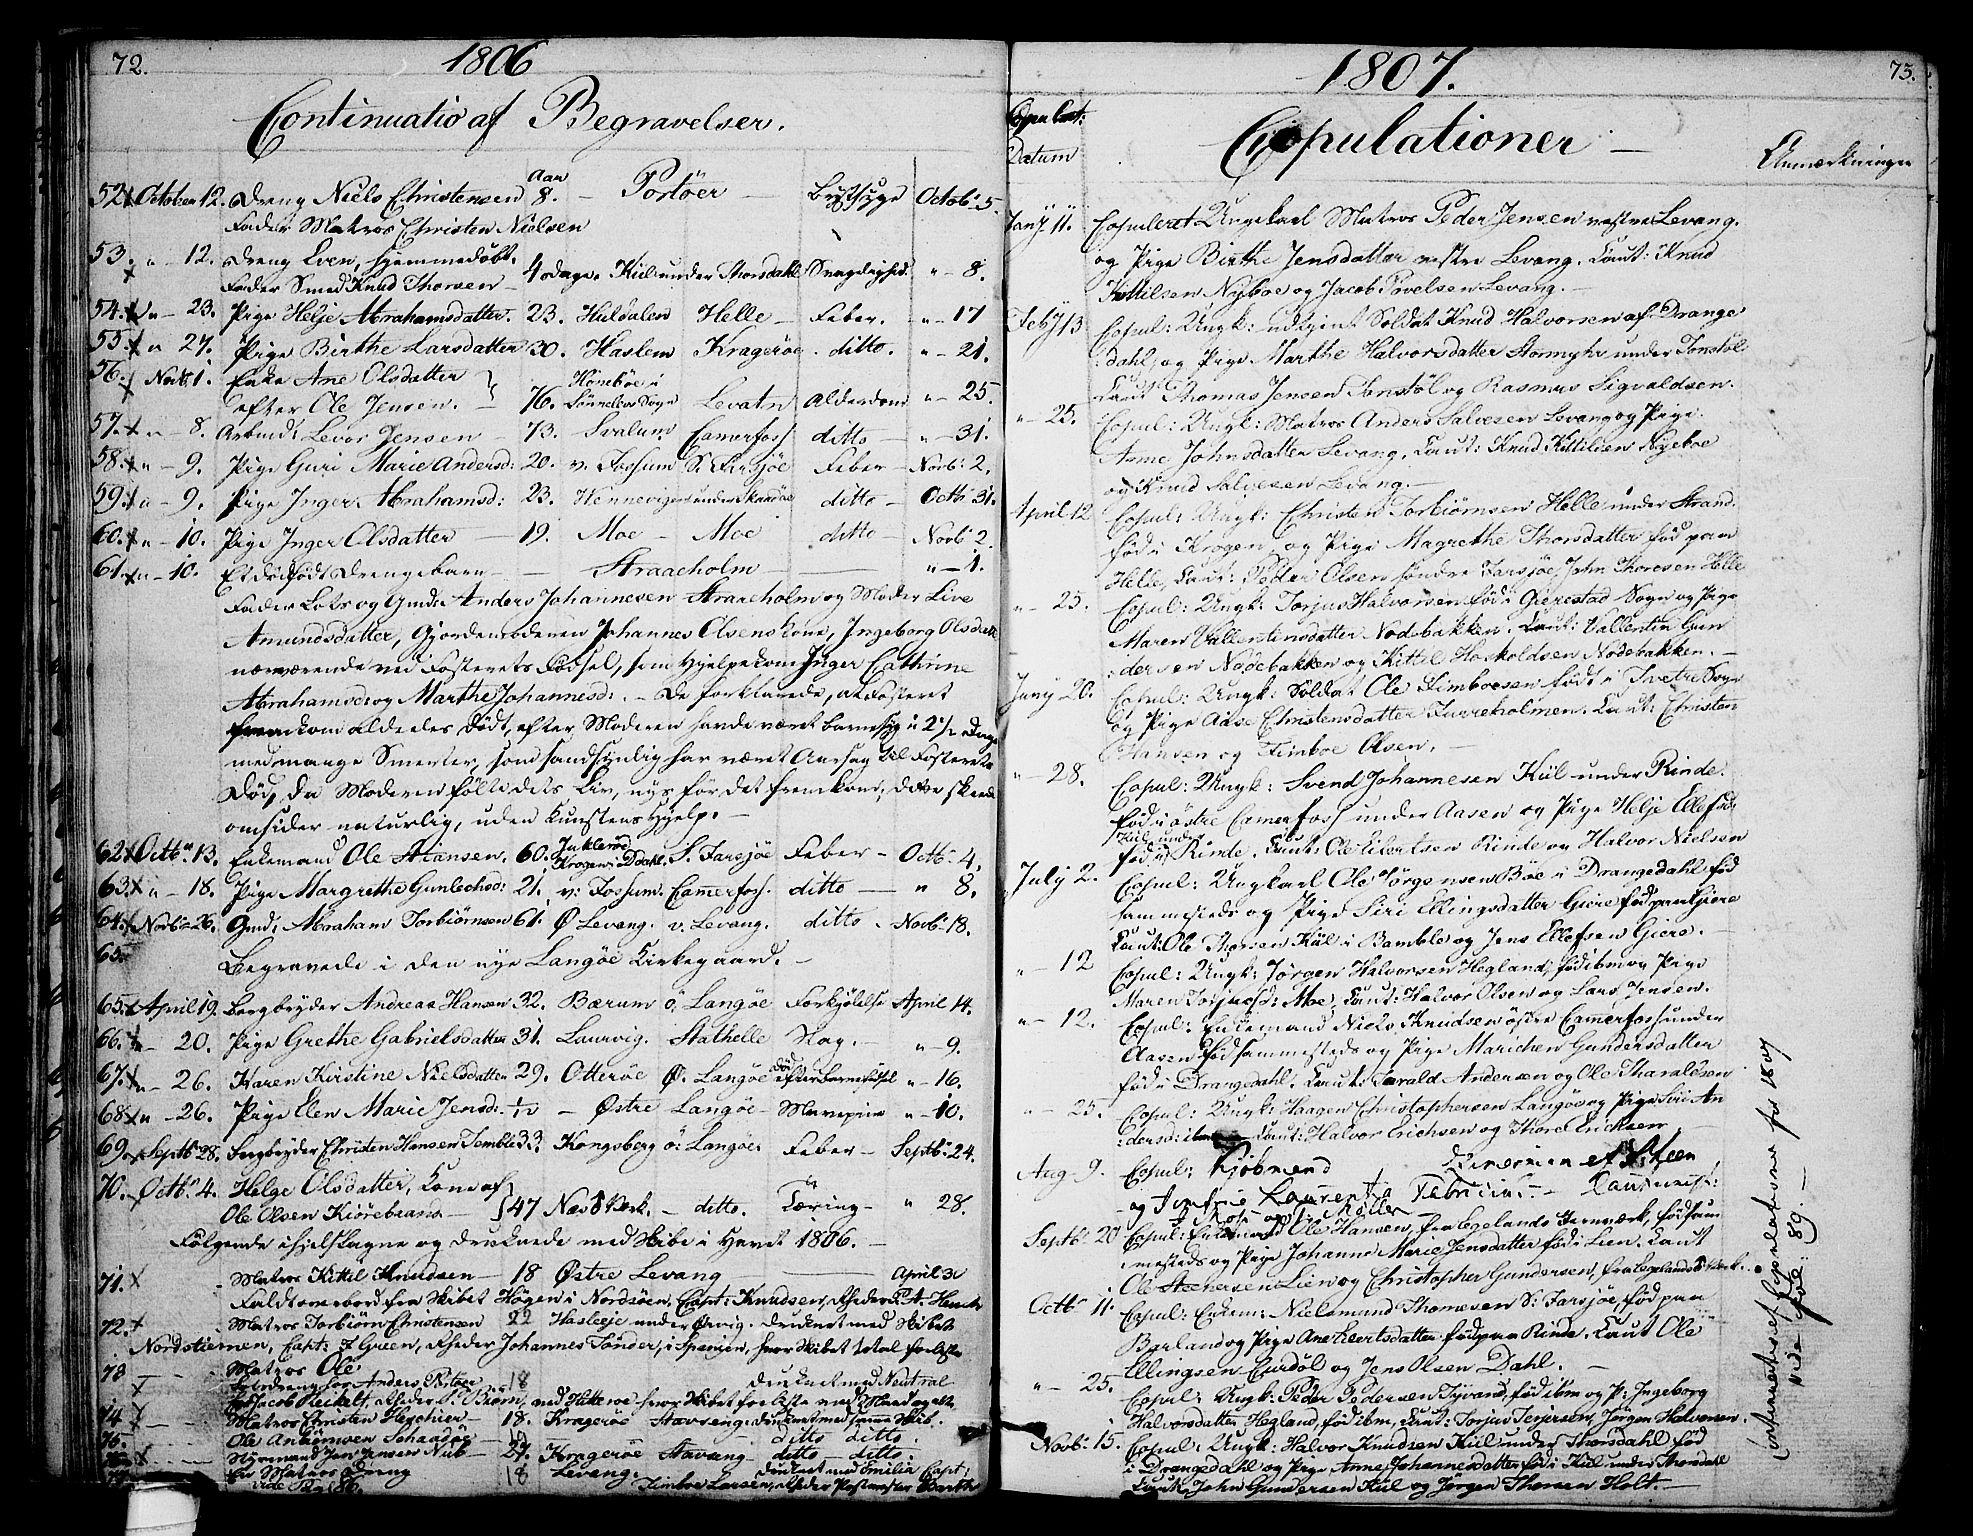 SAKO, Sannidal kirkebøker, F/Fa/L0003: Ministerialbok nr. 3, 1803-1813, s. 72-73